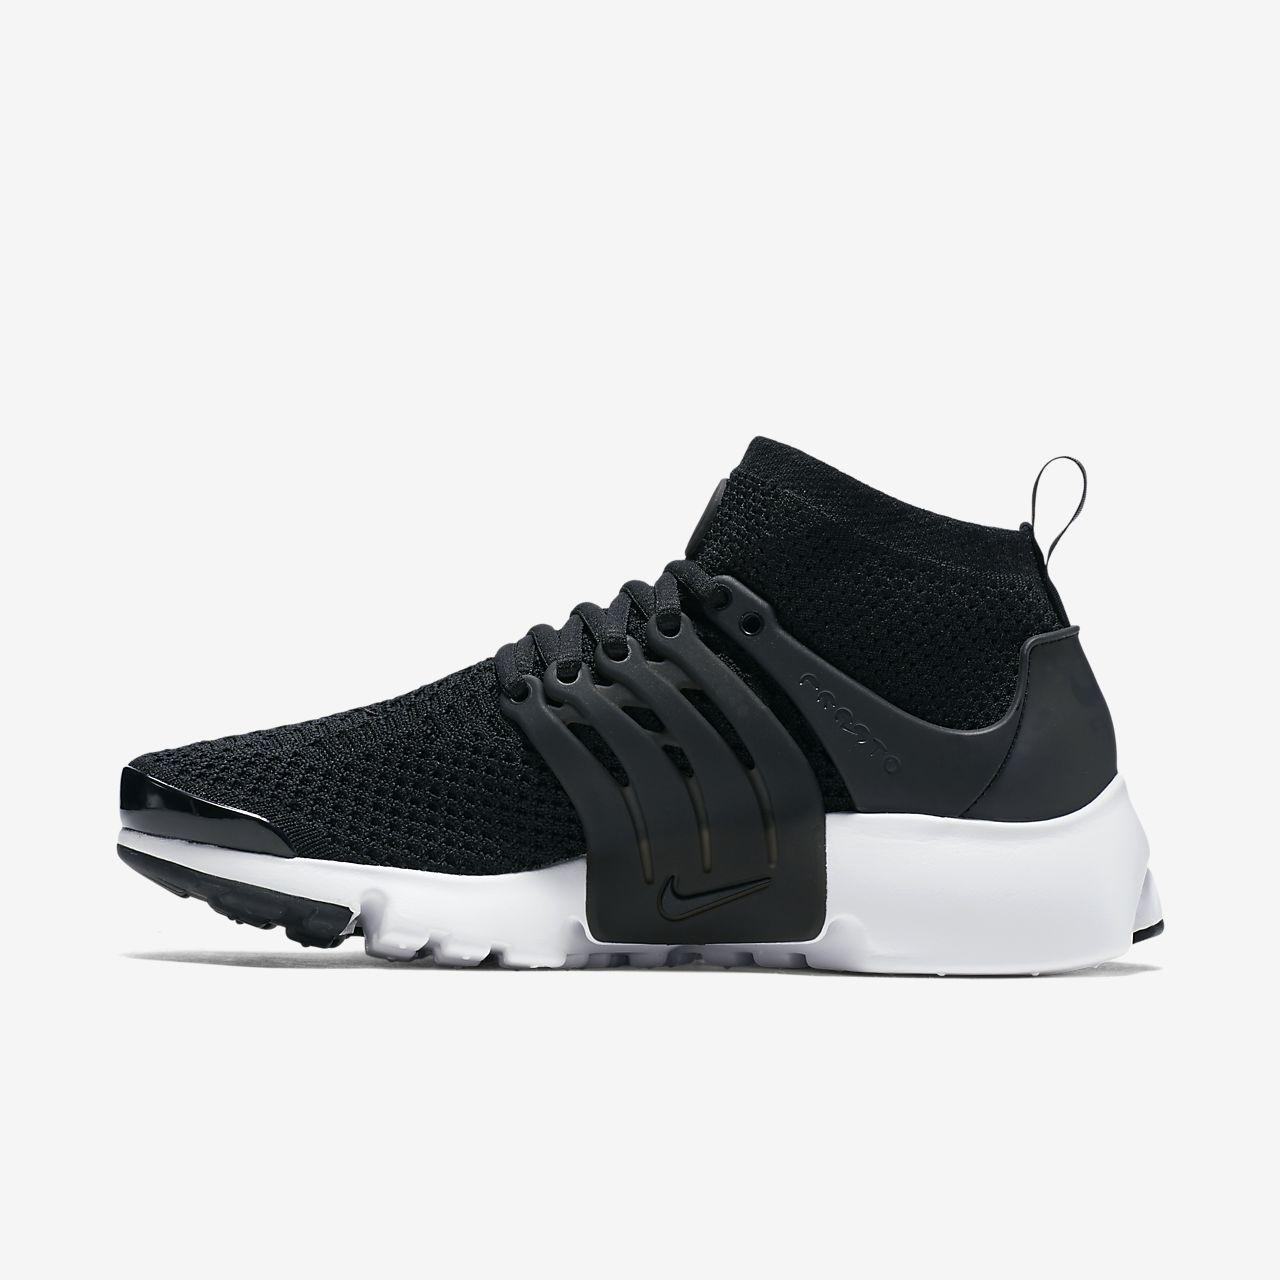 Damen Schuhe Sneakers Nike Air Presto Flyknit Ultra 835738 001 Gr 39 Neu